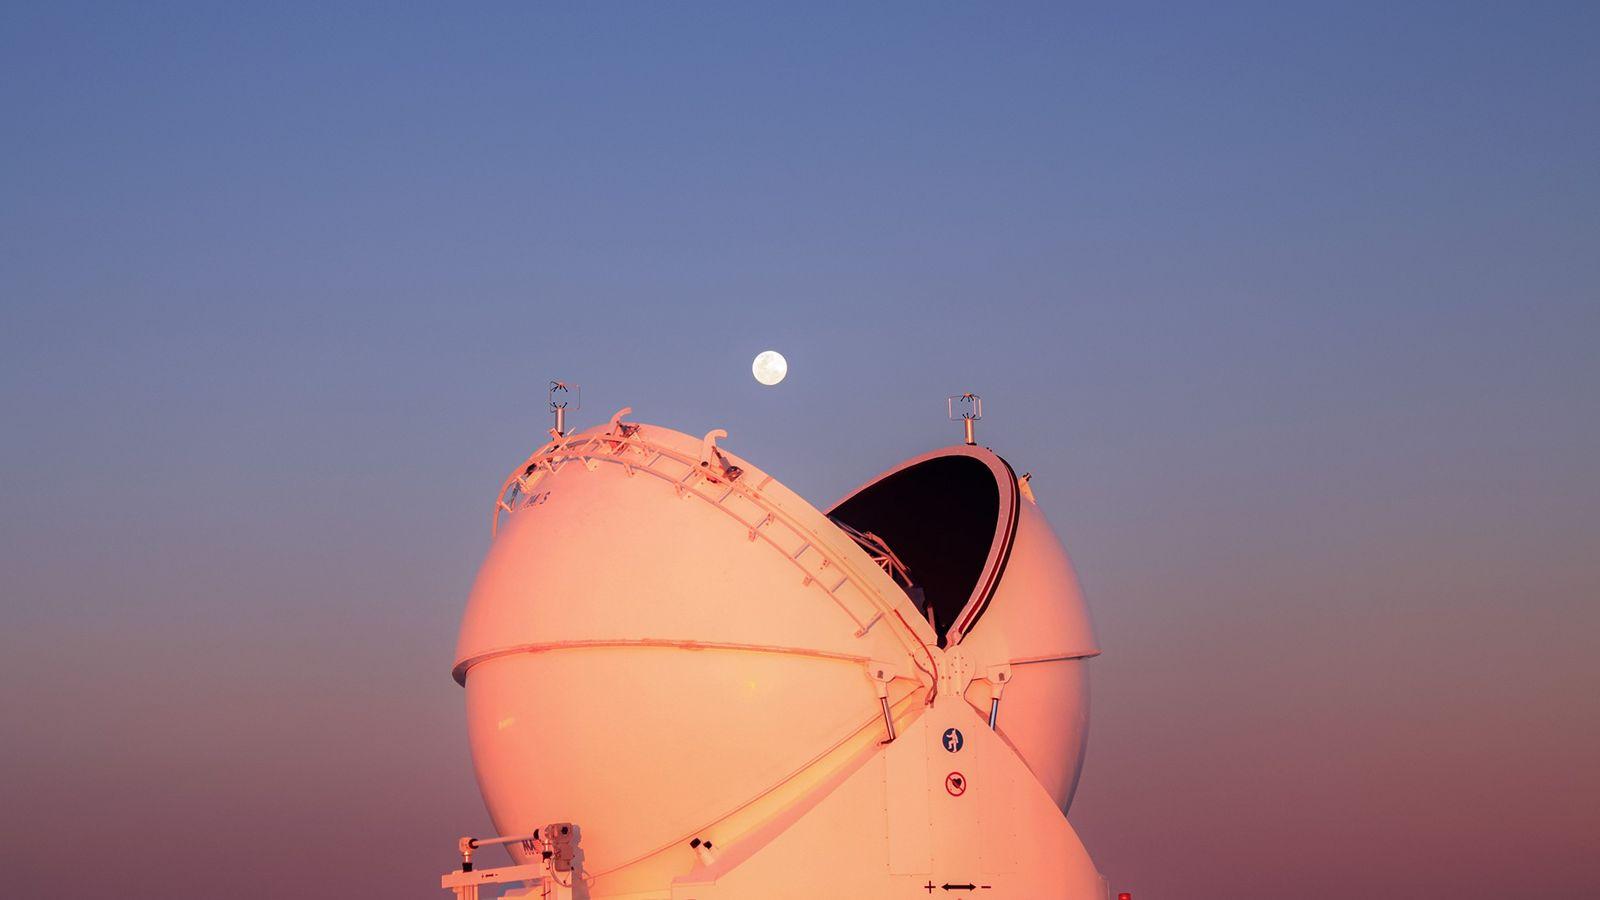 Die teilweise geöffnete Kuppel von einem Instrument des Very Large Telescope, das von der Europäischen Südsternwarte ...